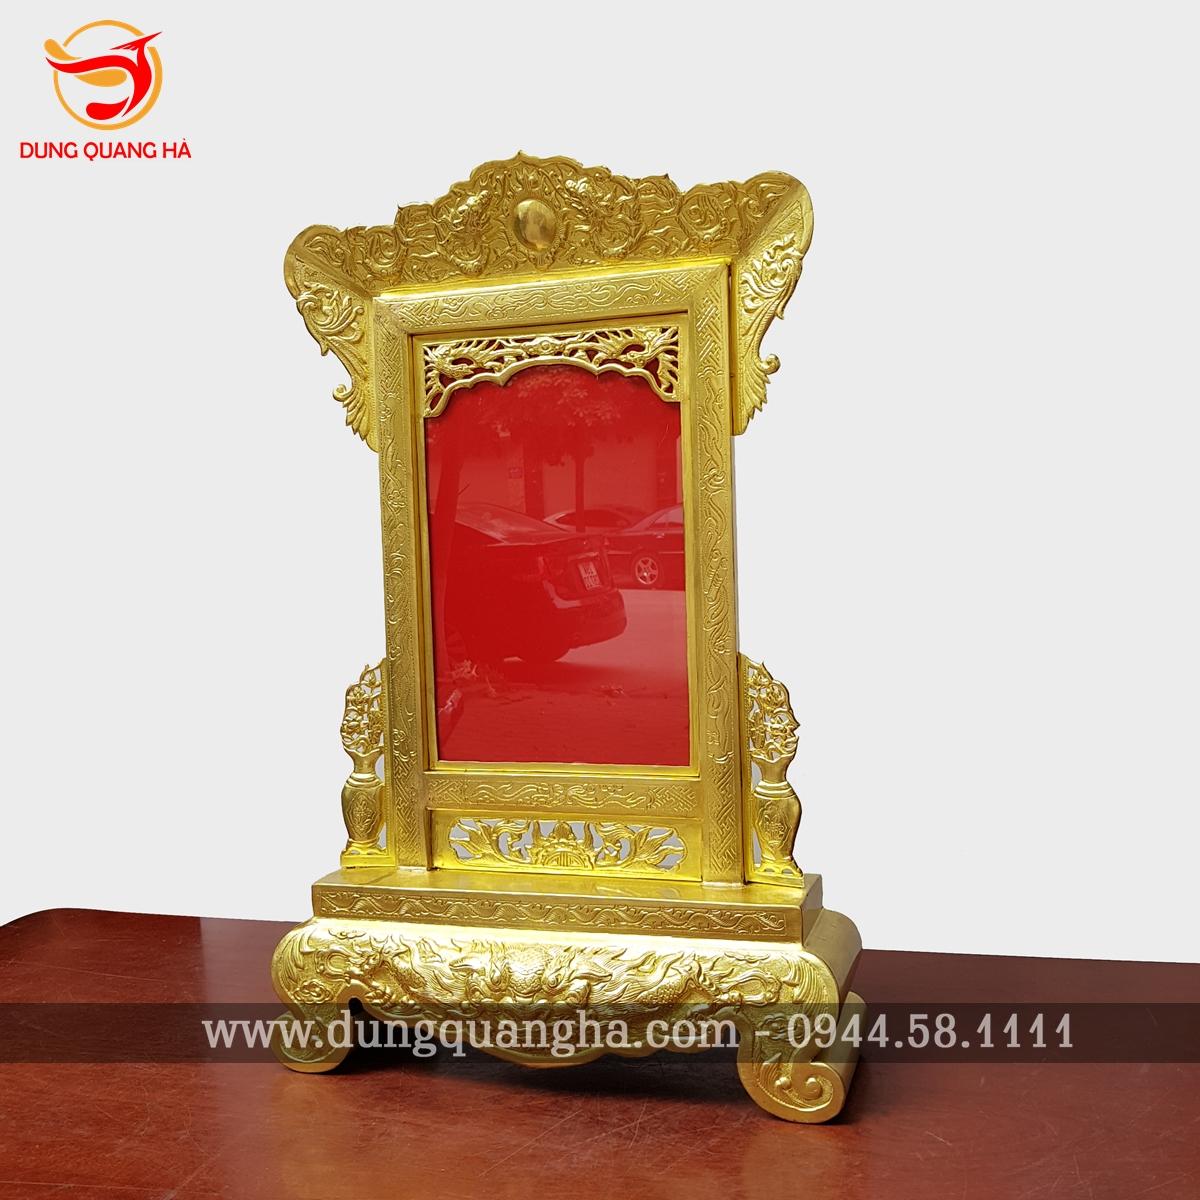 Khung ảnh thờ đồng vàng hoa văn tinh xảo 2